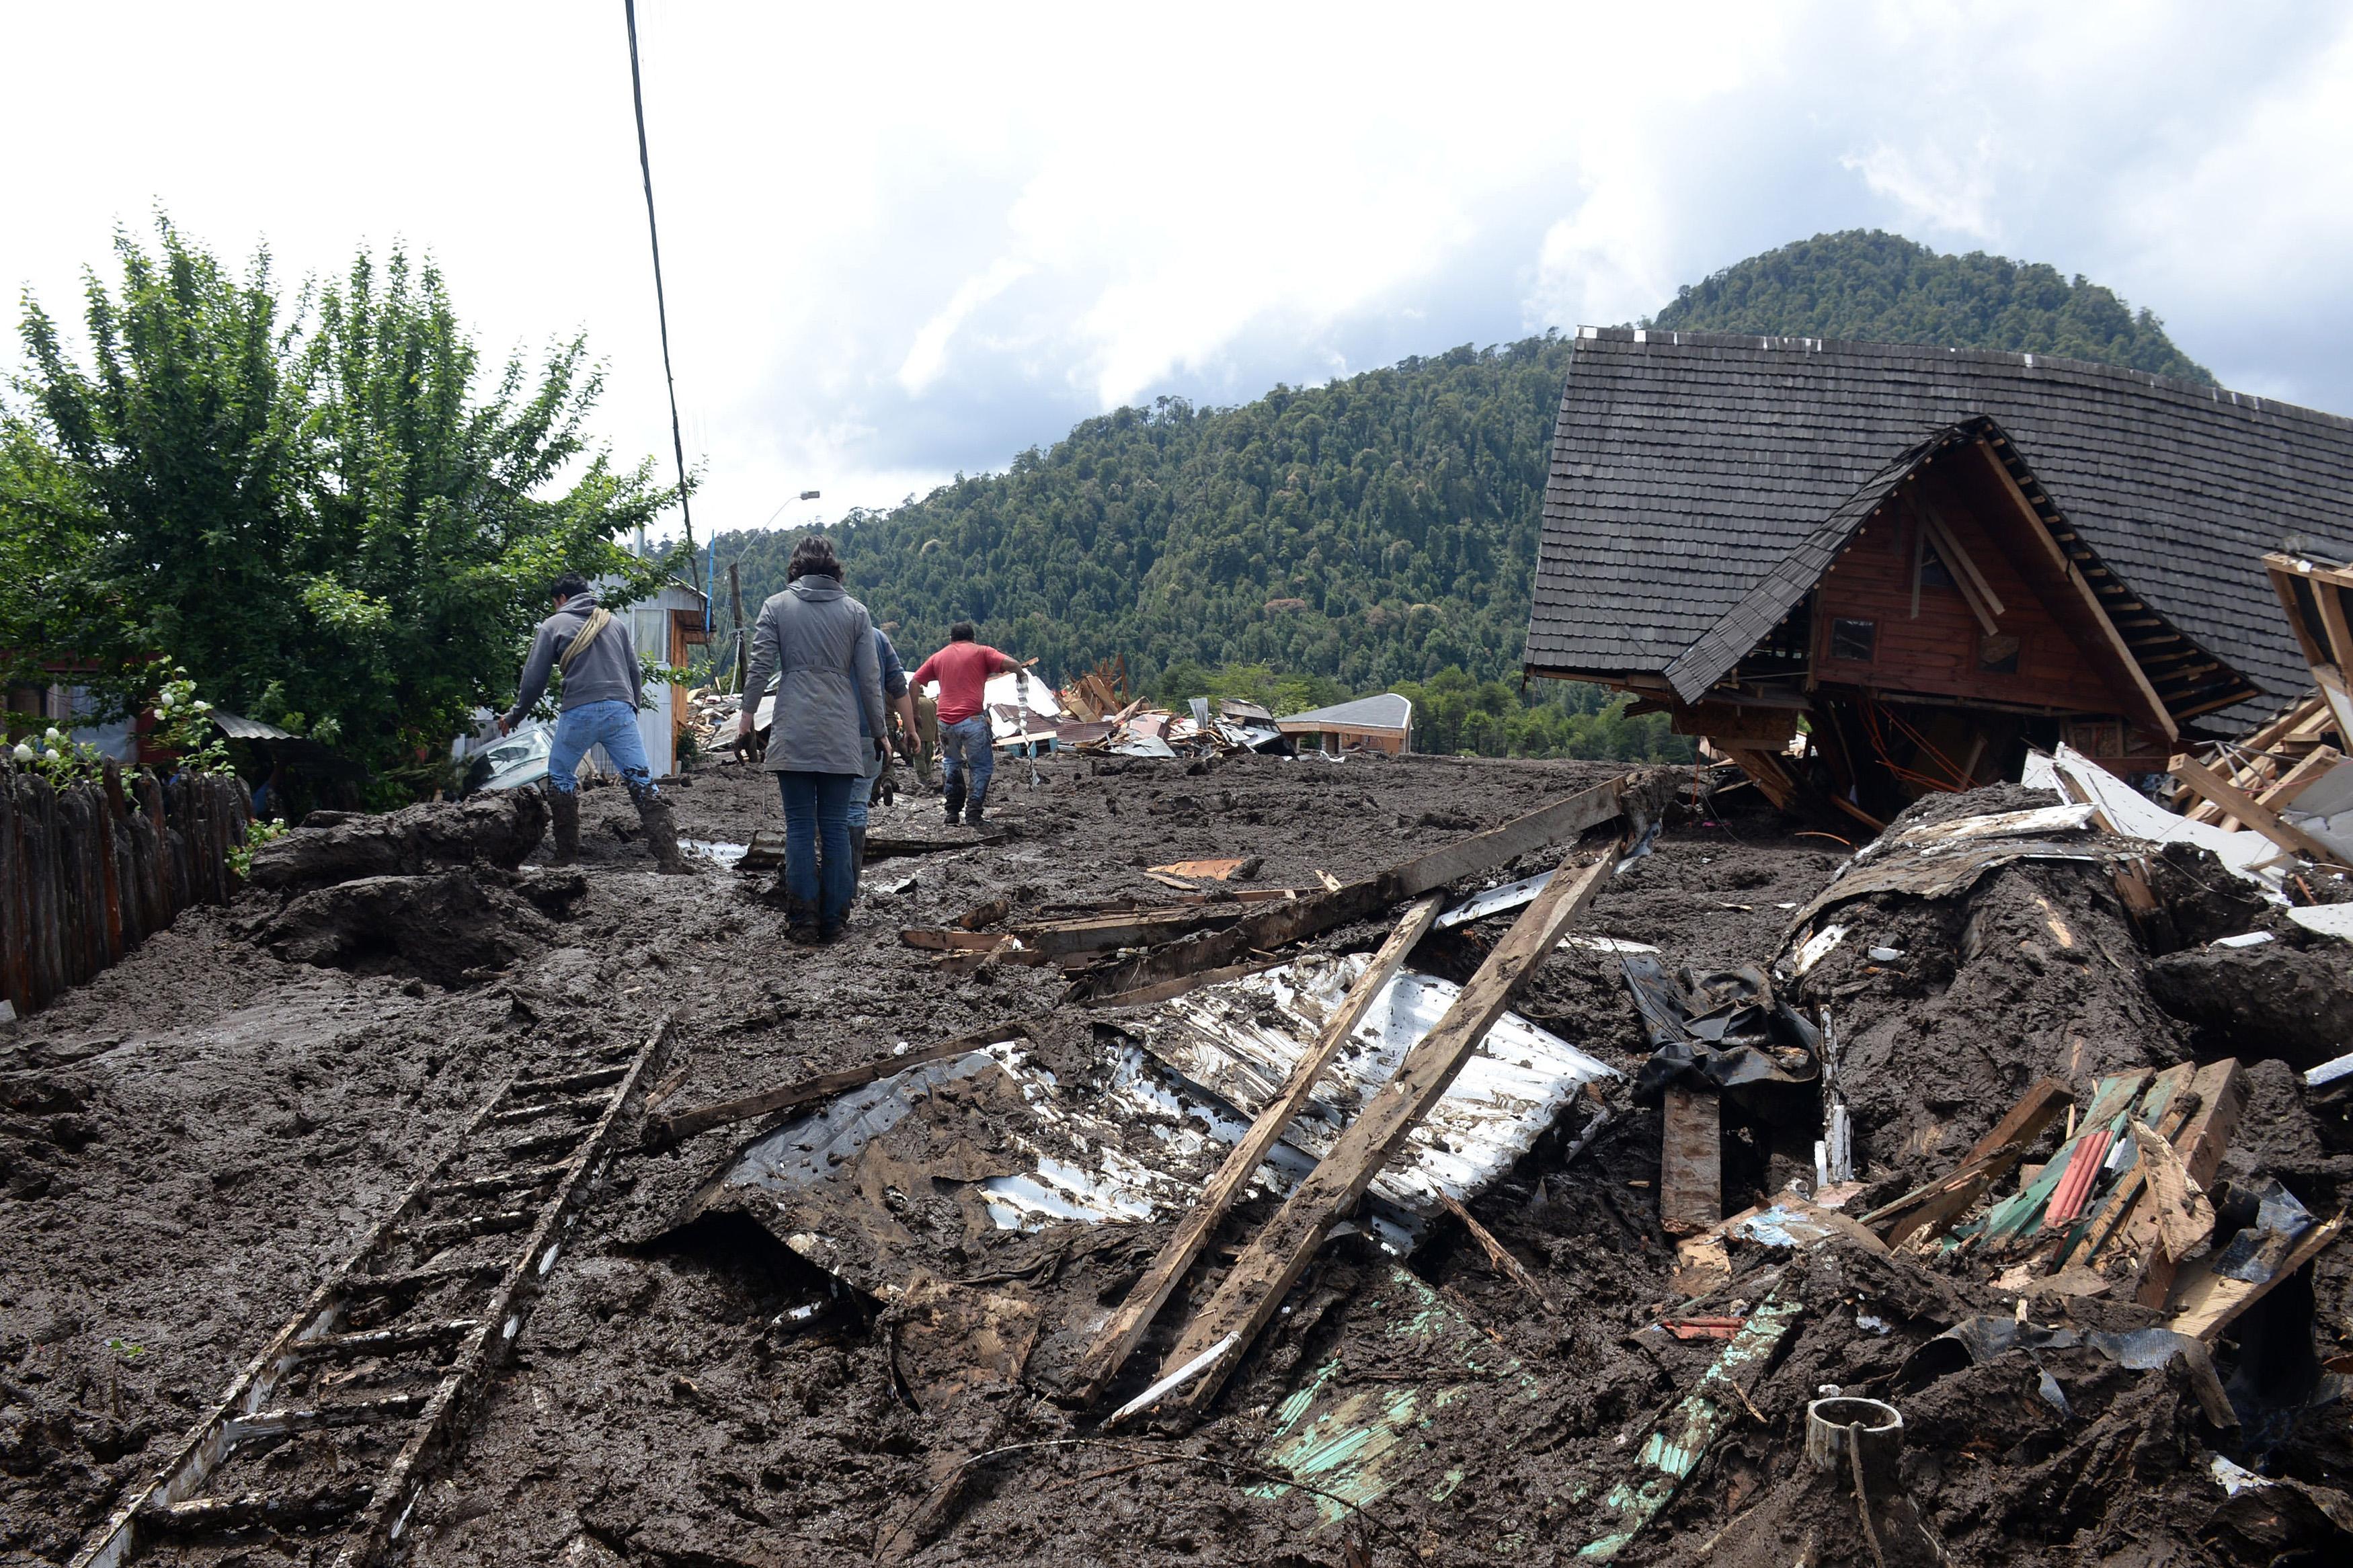 FOTO   Un sat din Chile a fost îngropat de o alunecare de teren. Cel puțin cinci oameni au murit